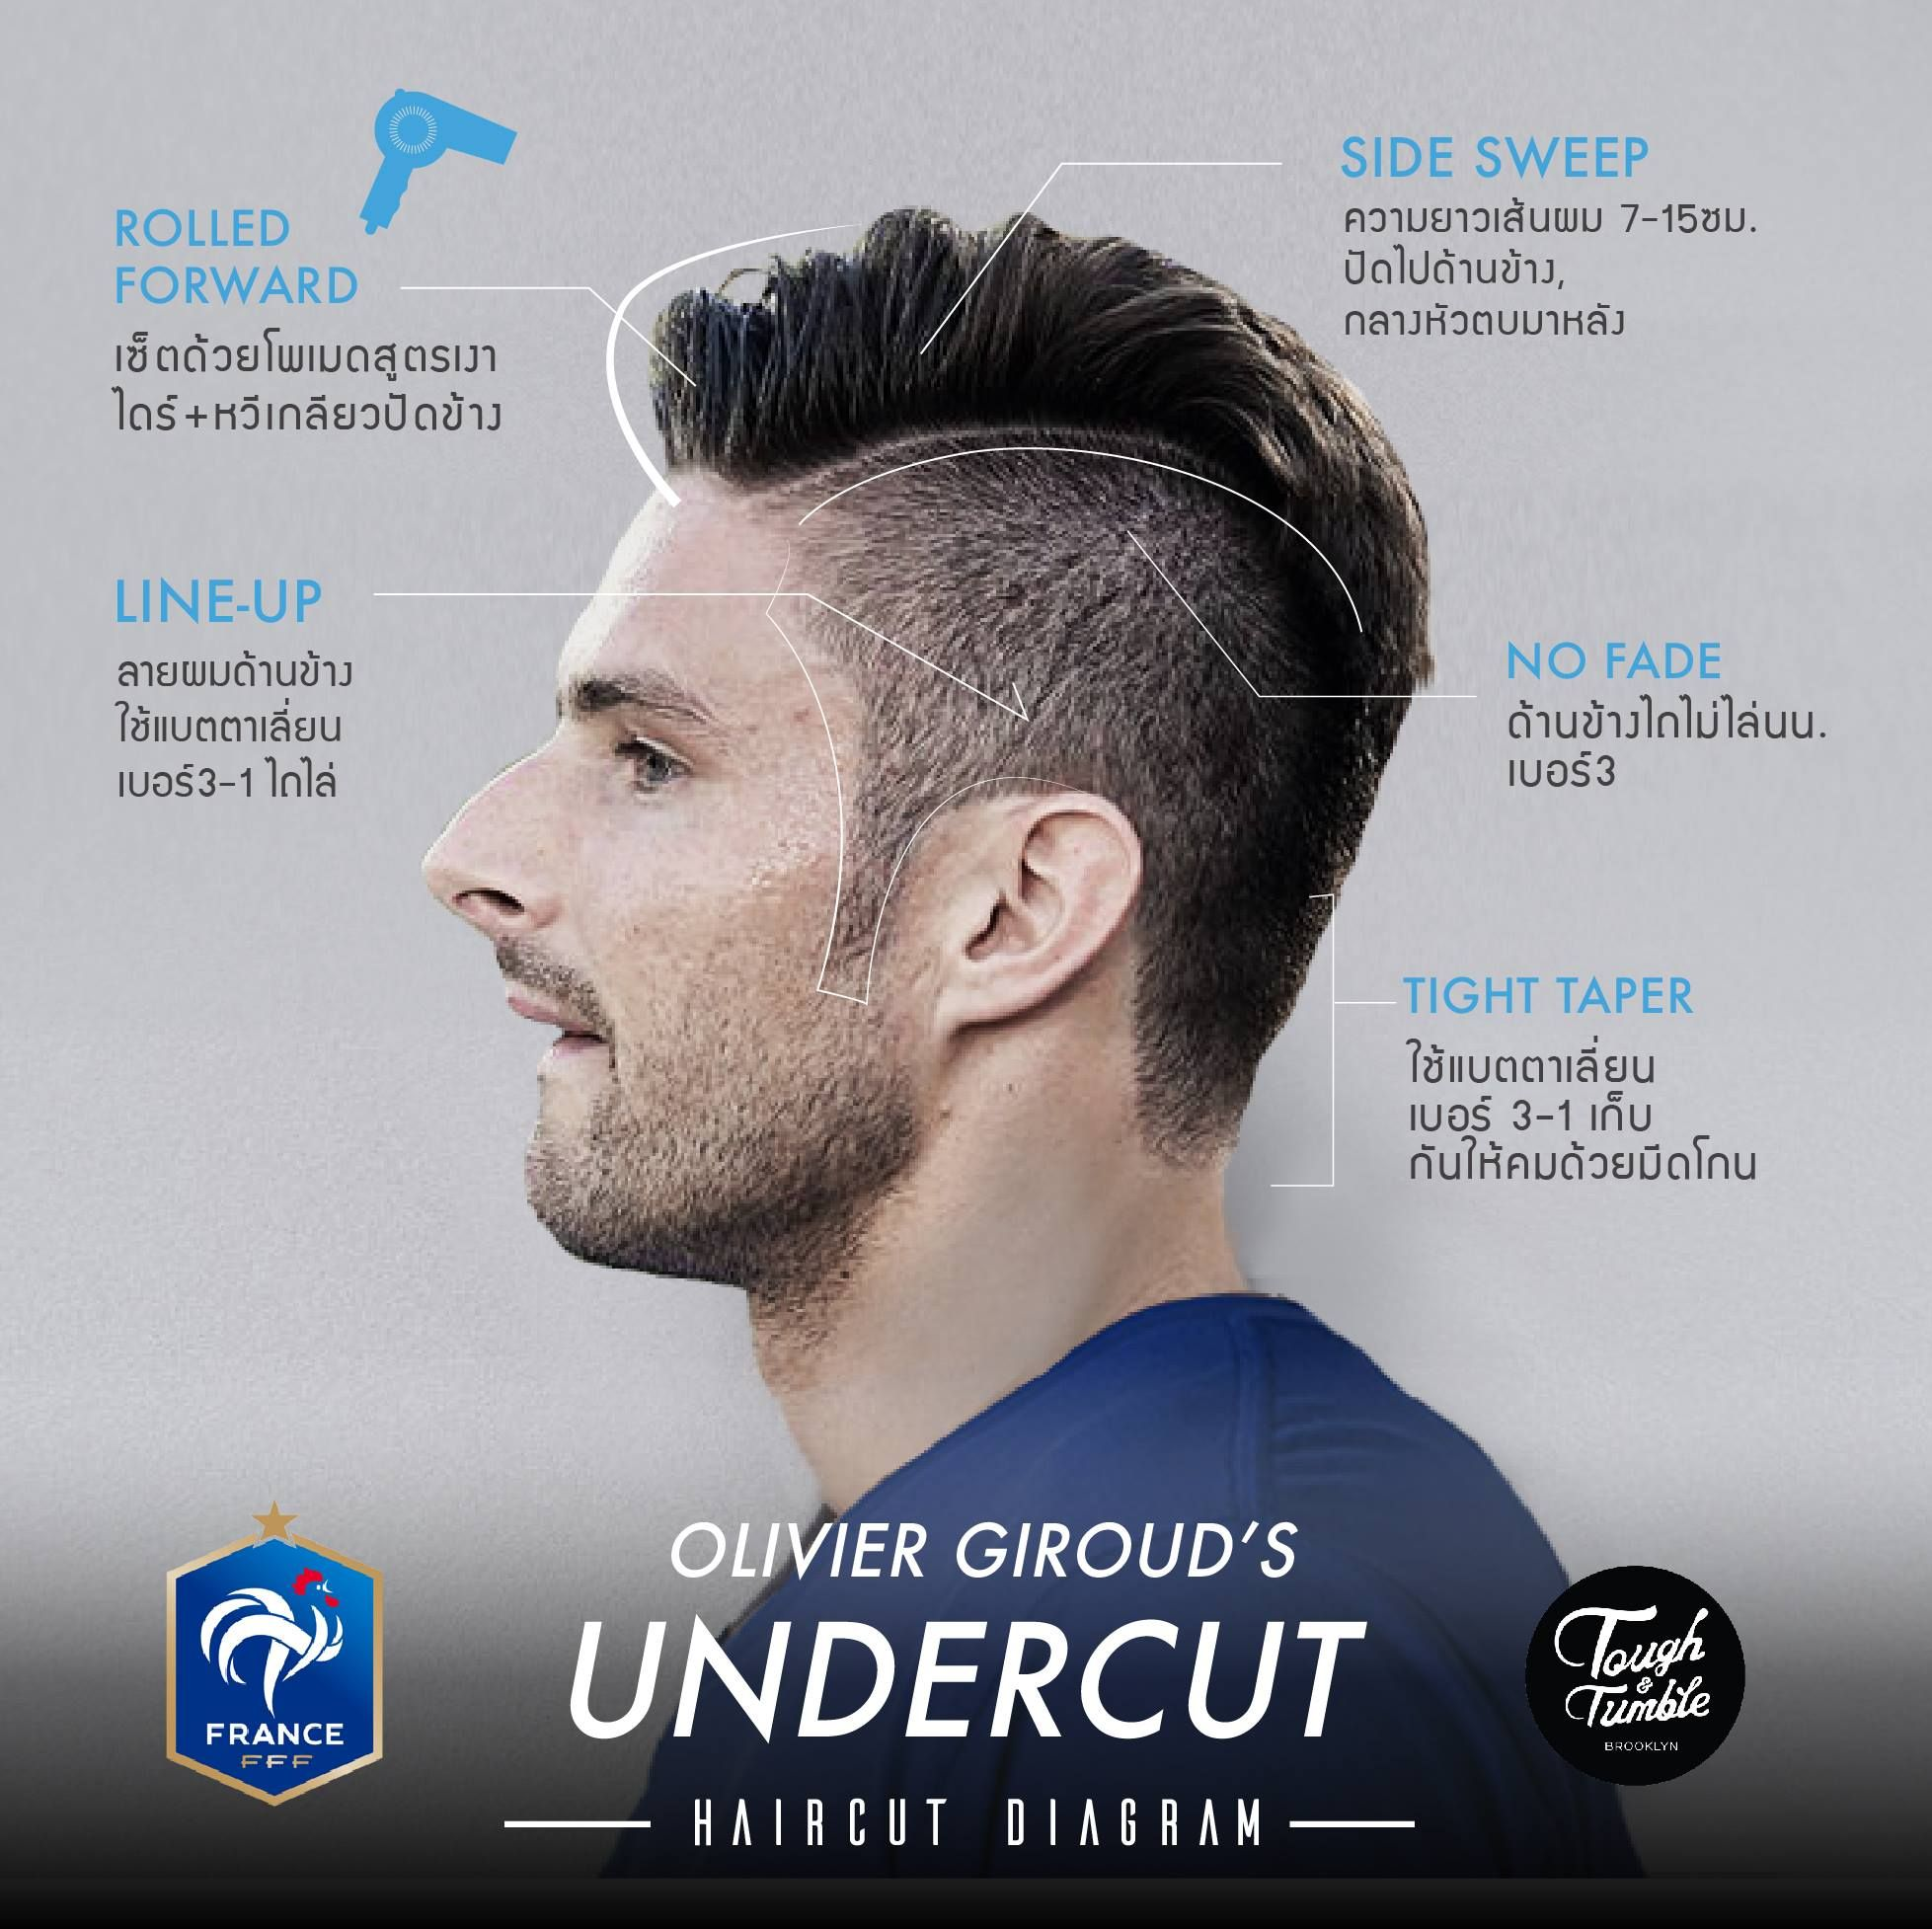 ช่างกรูอยู่ไหน   Euro 2016: Haircut Diagram   ทรงผม